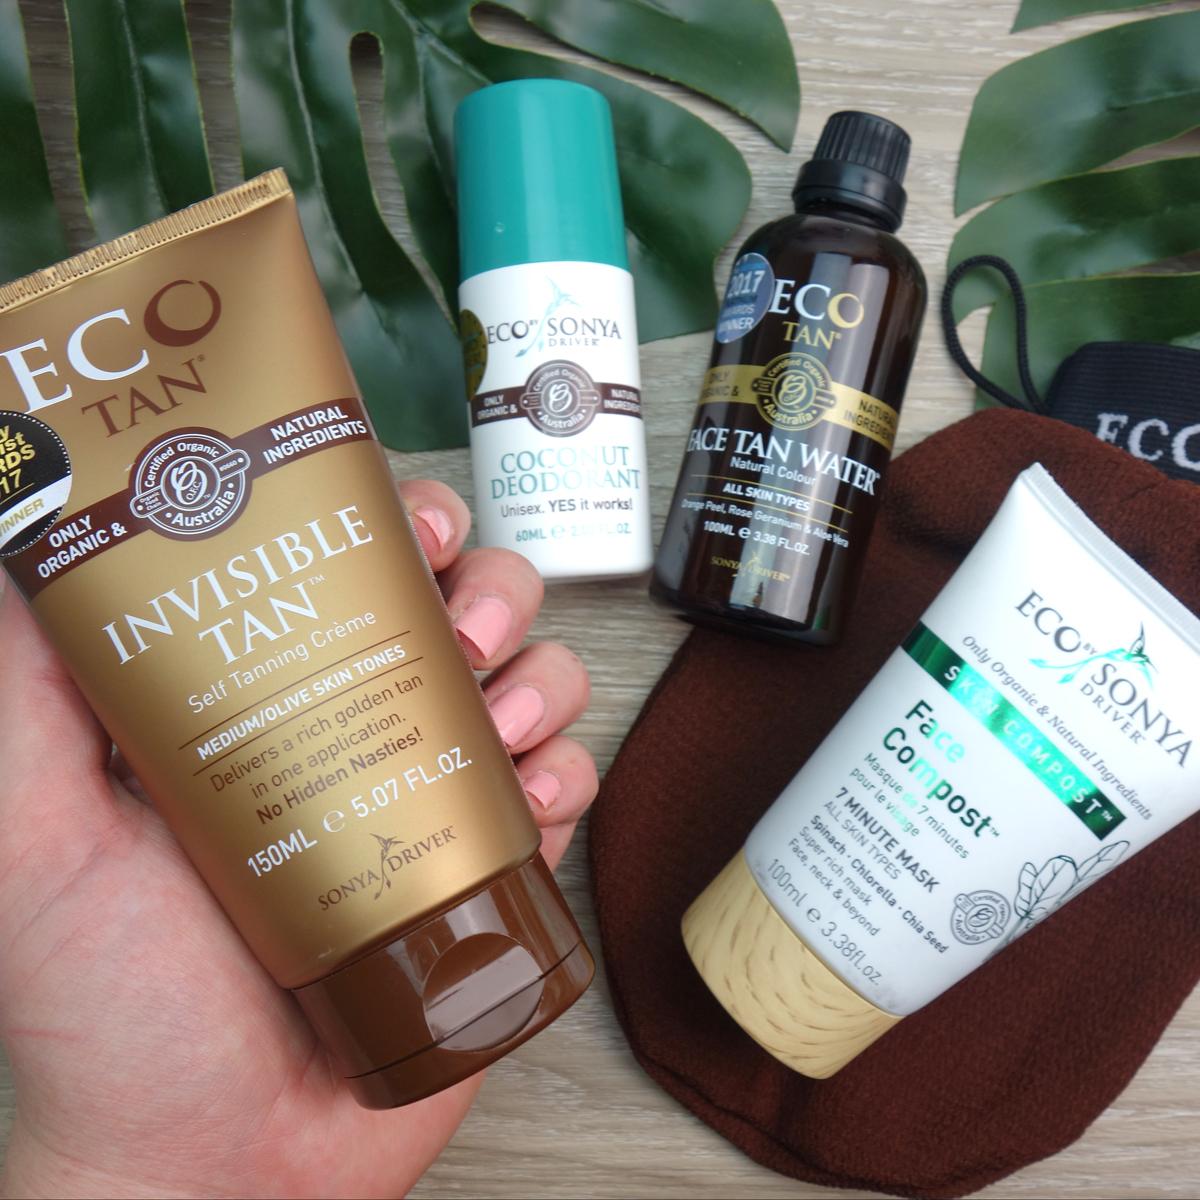 Bellabox x Eco Tan Beauty Box